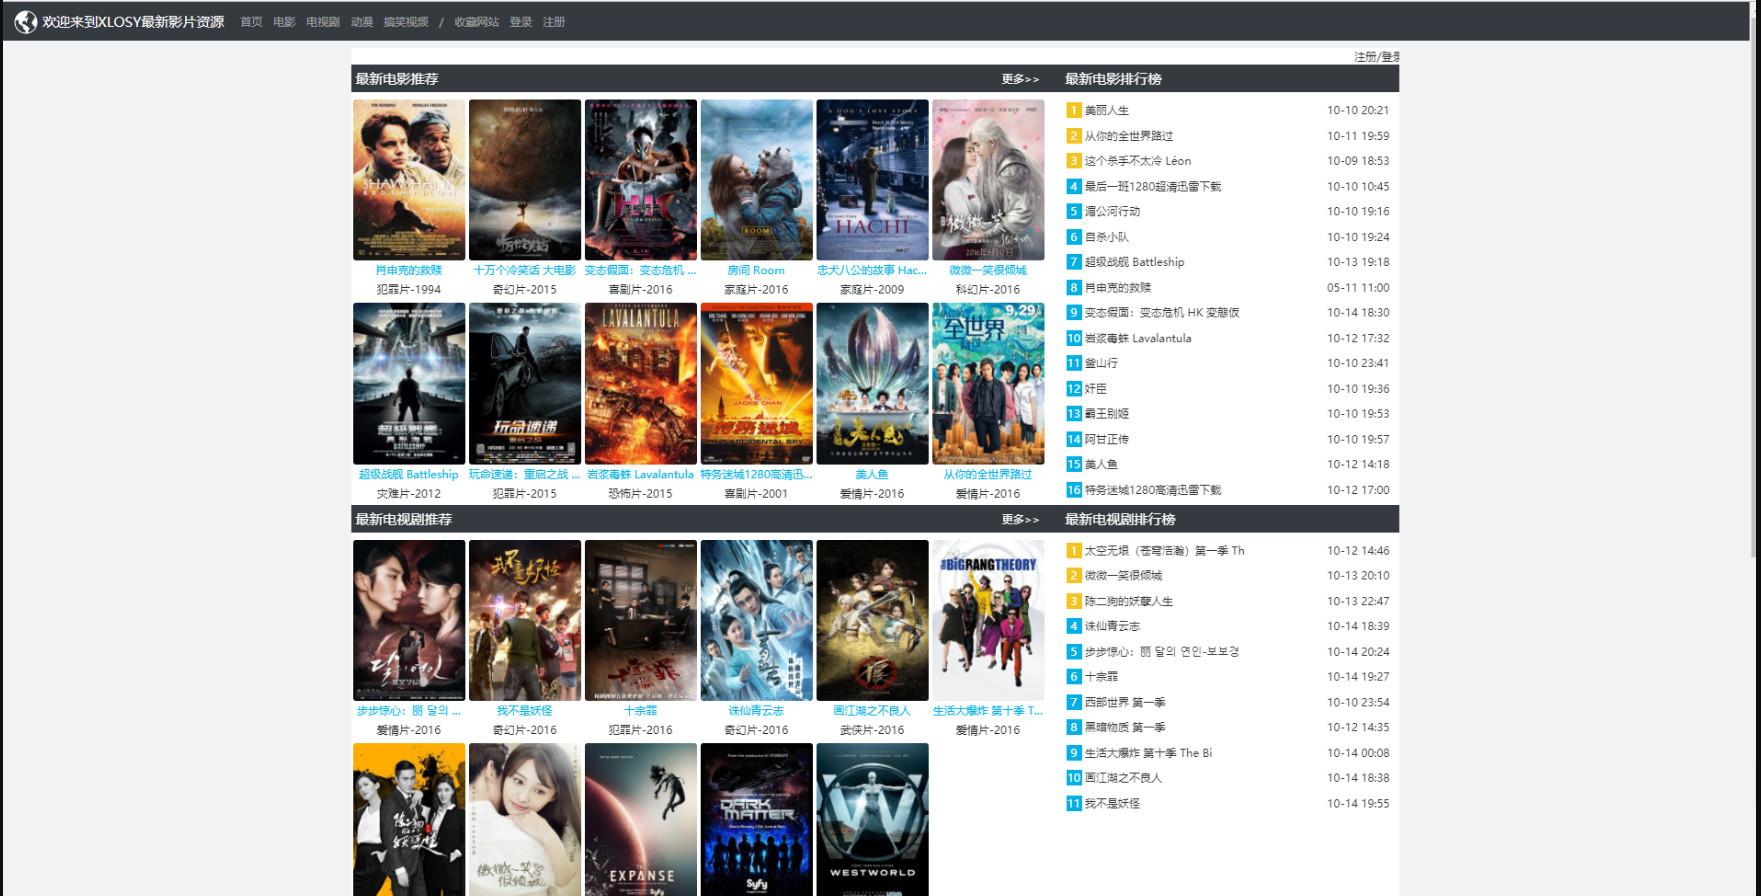 php开发轻量级小巧视频网站系统 PC端+手机端模式自适应